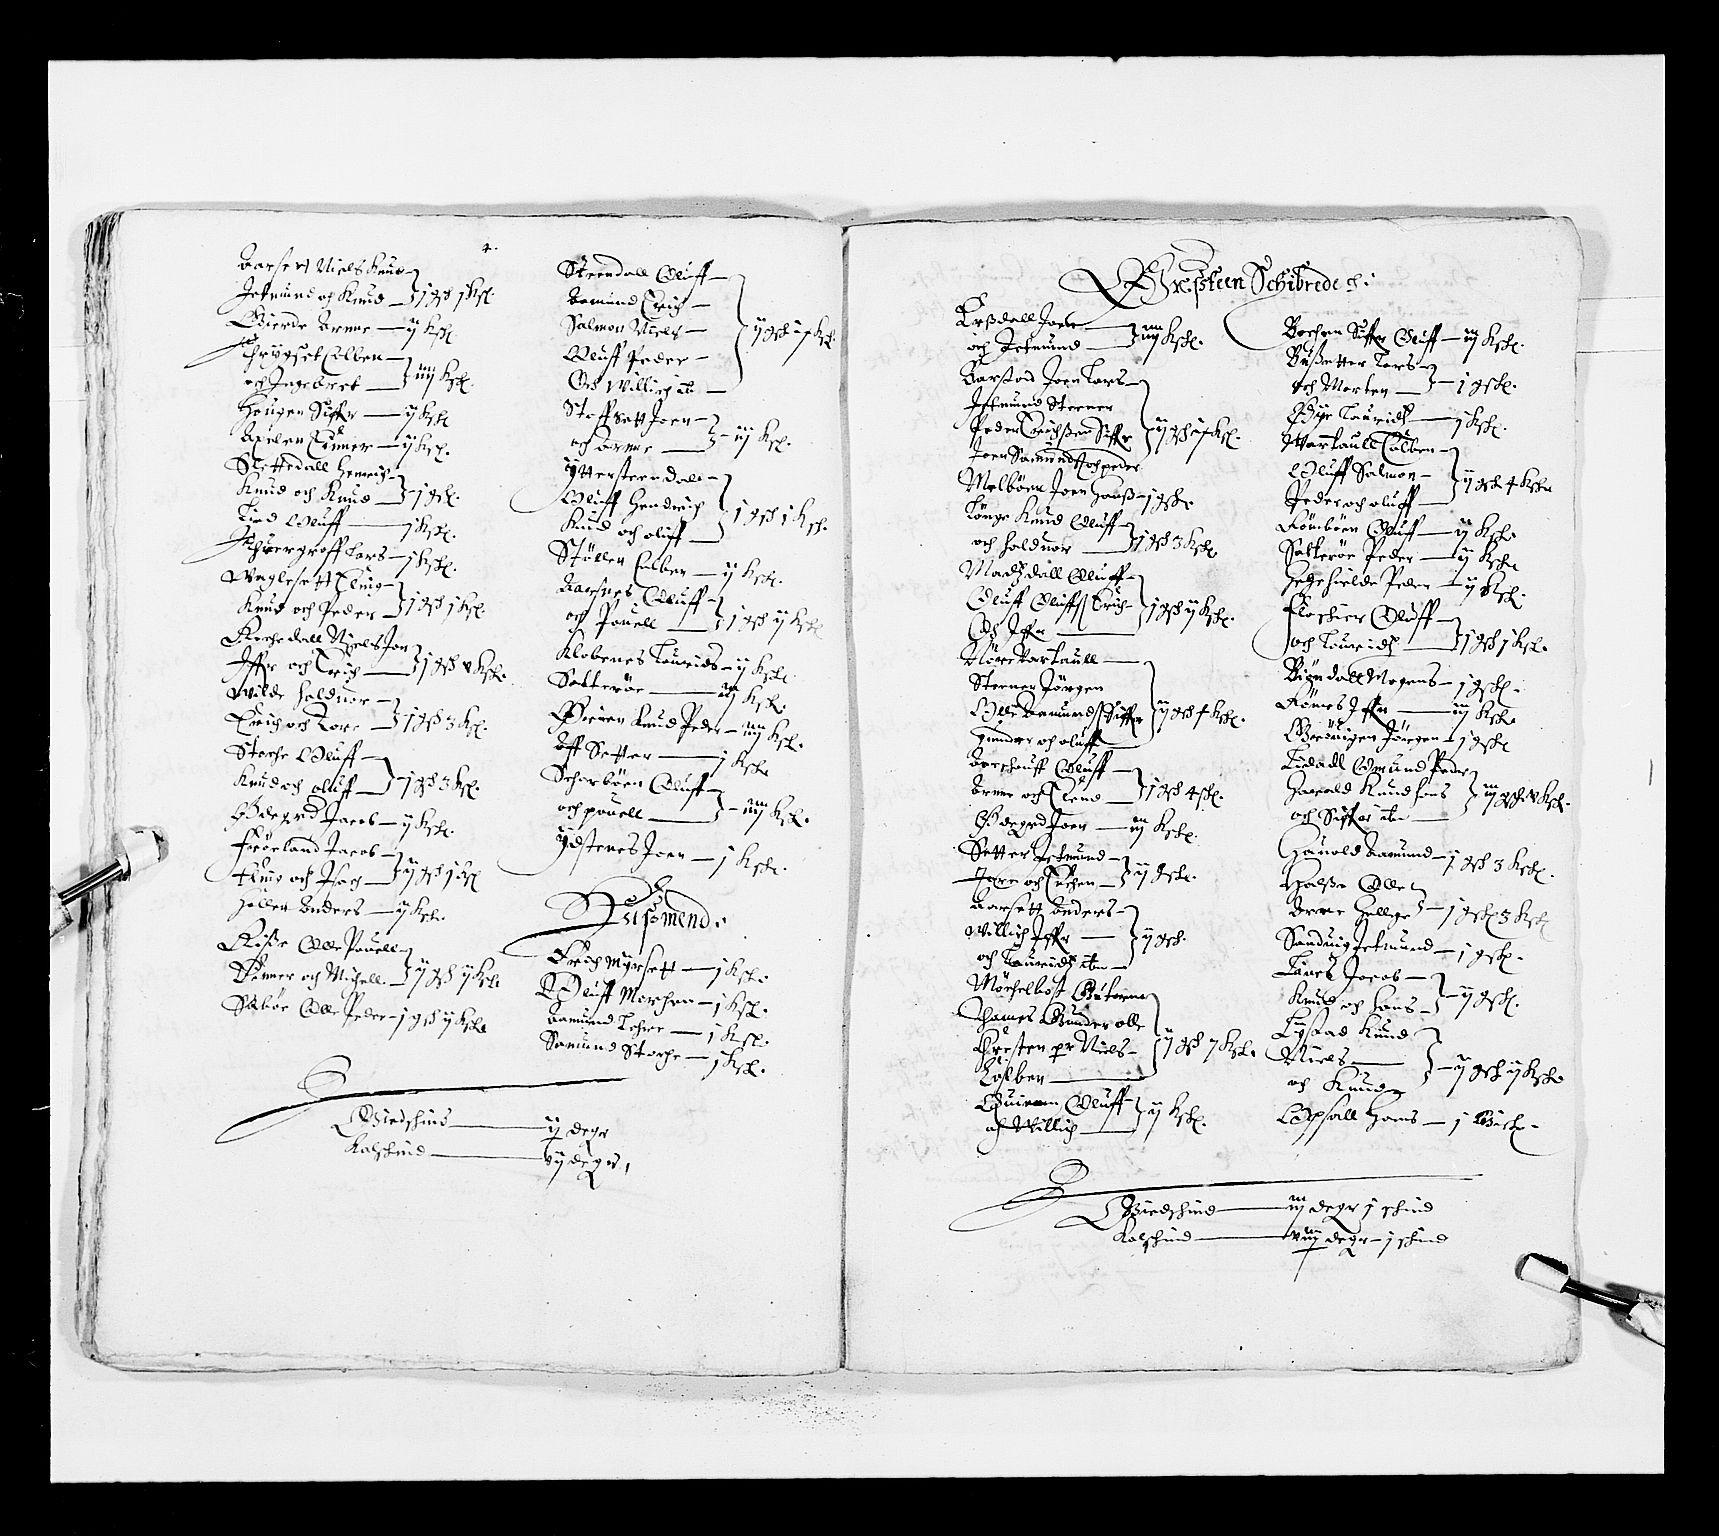 RA, Stattholderembetet 1572-1771, Ek/L0025: Jordebøker 1633-1658:, 1645-1646, s. 253